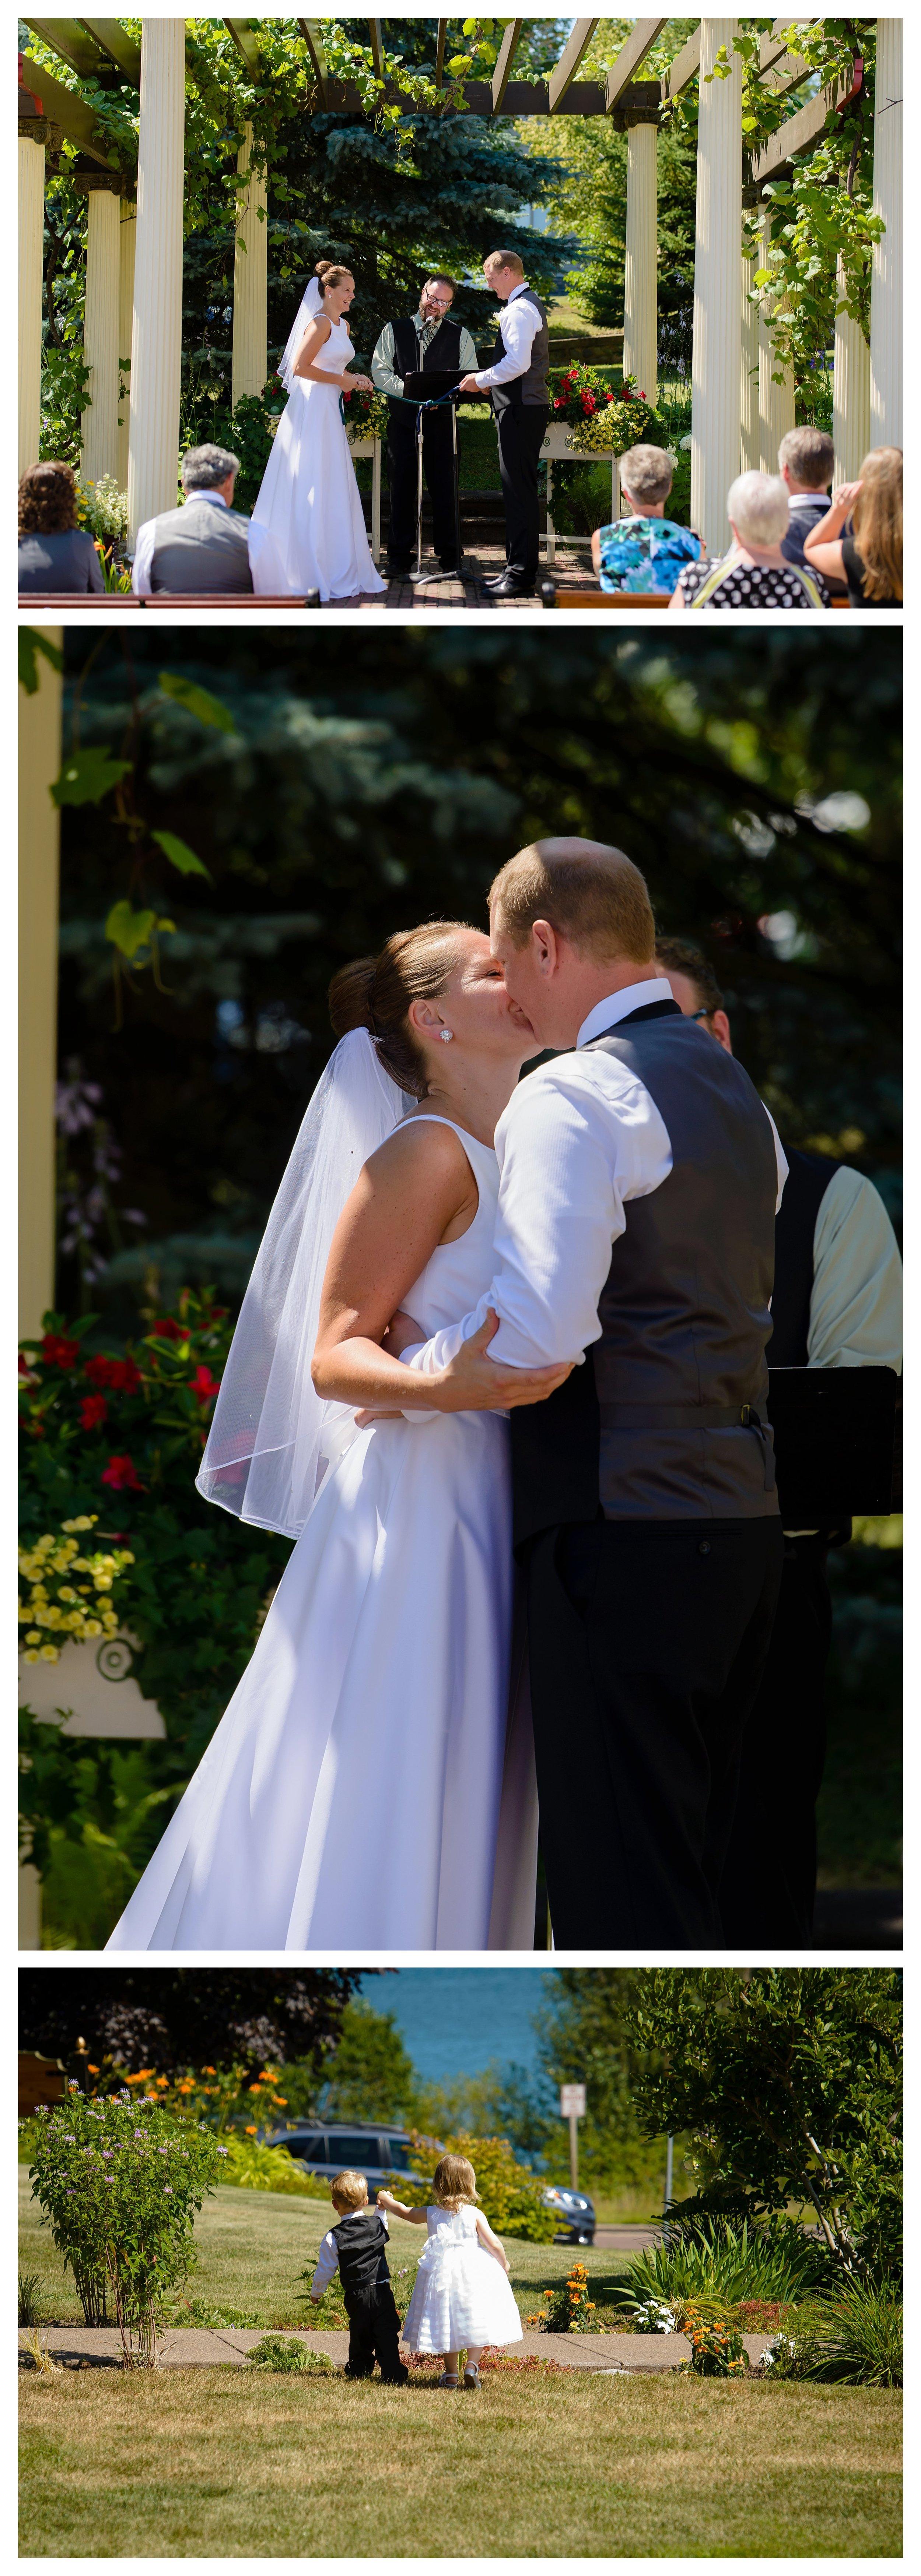 ps 139 photography jen jensen bayfield Rittenhouse Inn La Chateau wedding_0016.jpg